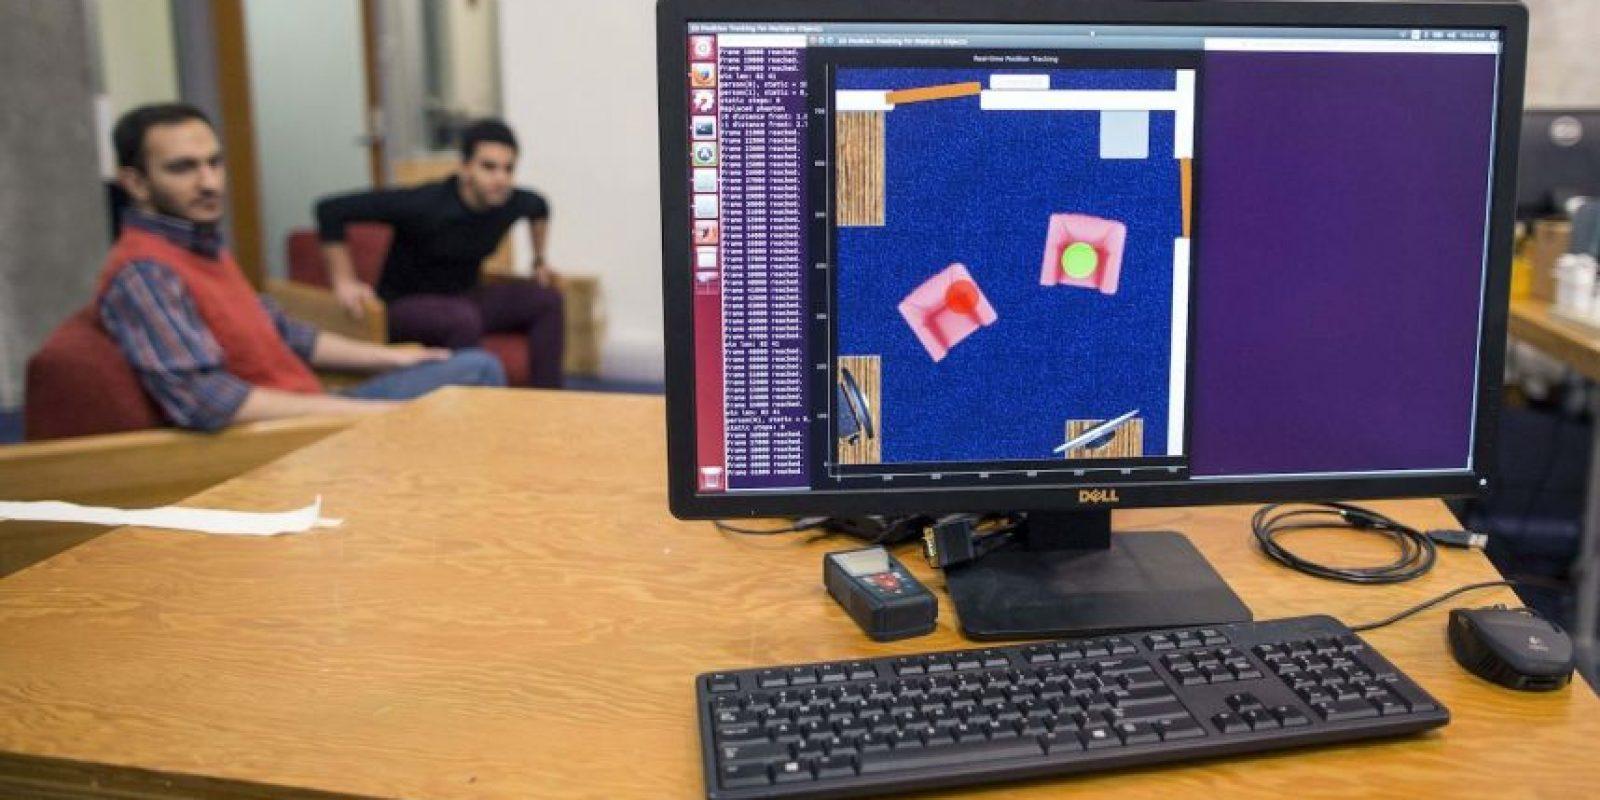 El software detecta cuando las personas se mueven o caminan. Foto:AP